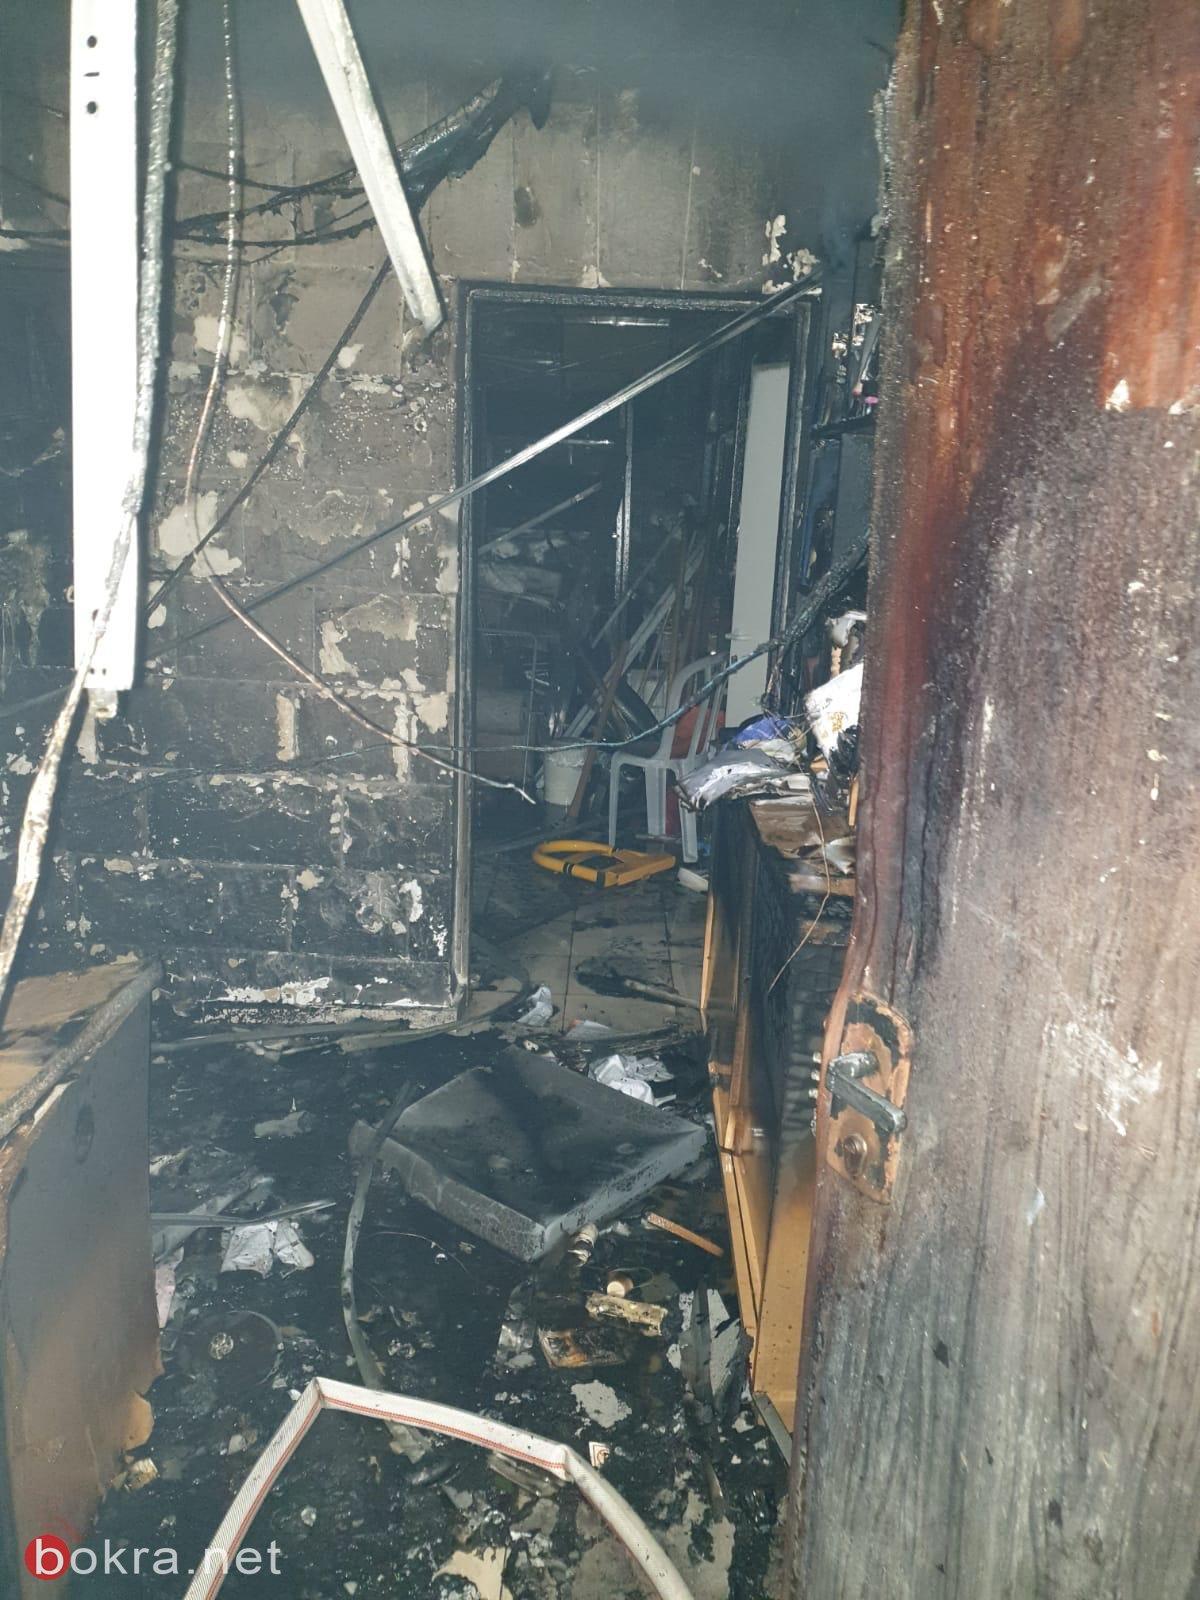 كفرياسيف: اندلاع حريق في مبنى المجلس المحلي -0